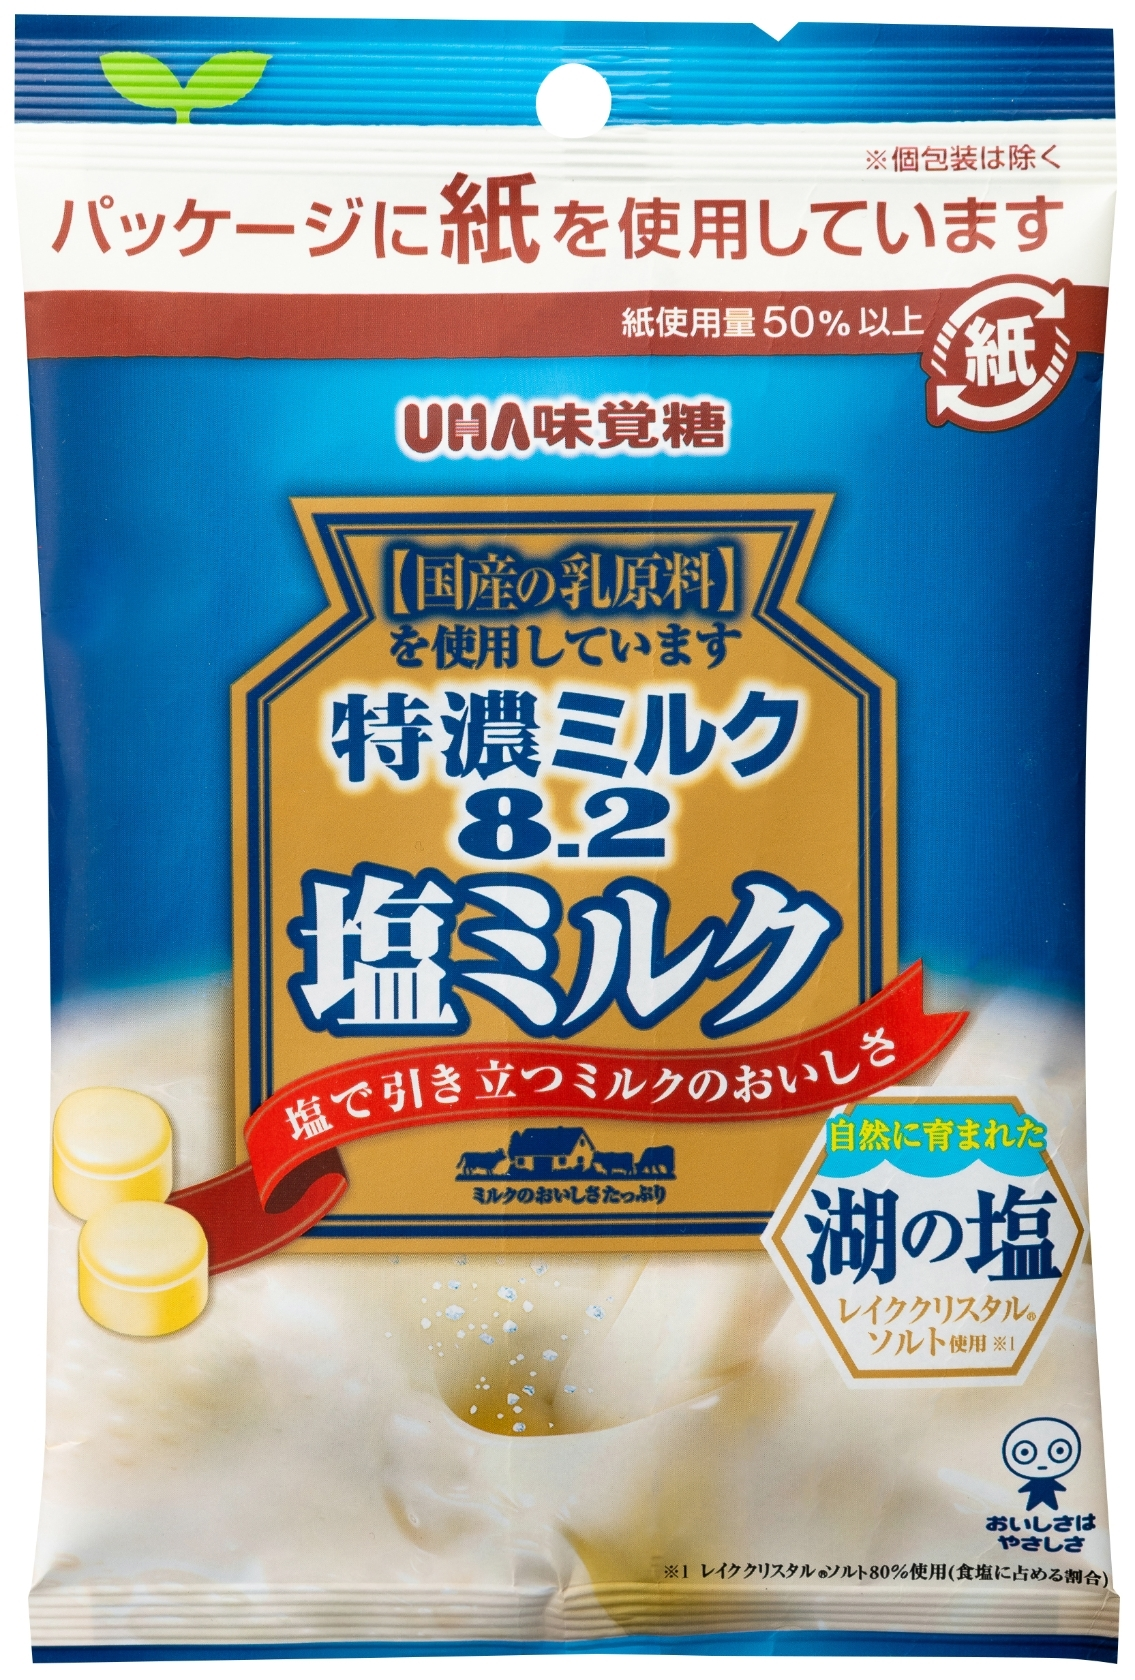 UHA味覚糖 特濃ミルク8.2 塩ミルク 袋75g